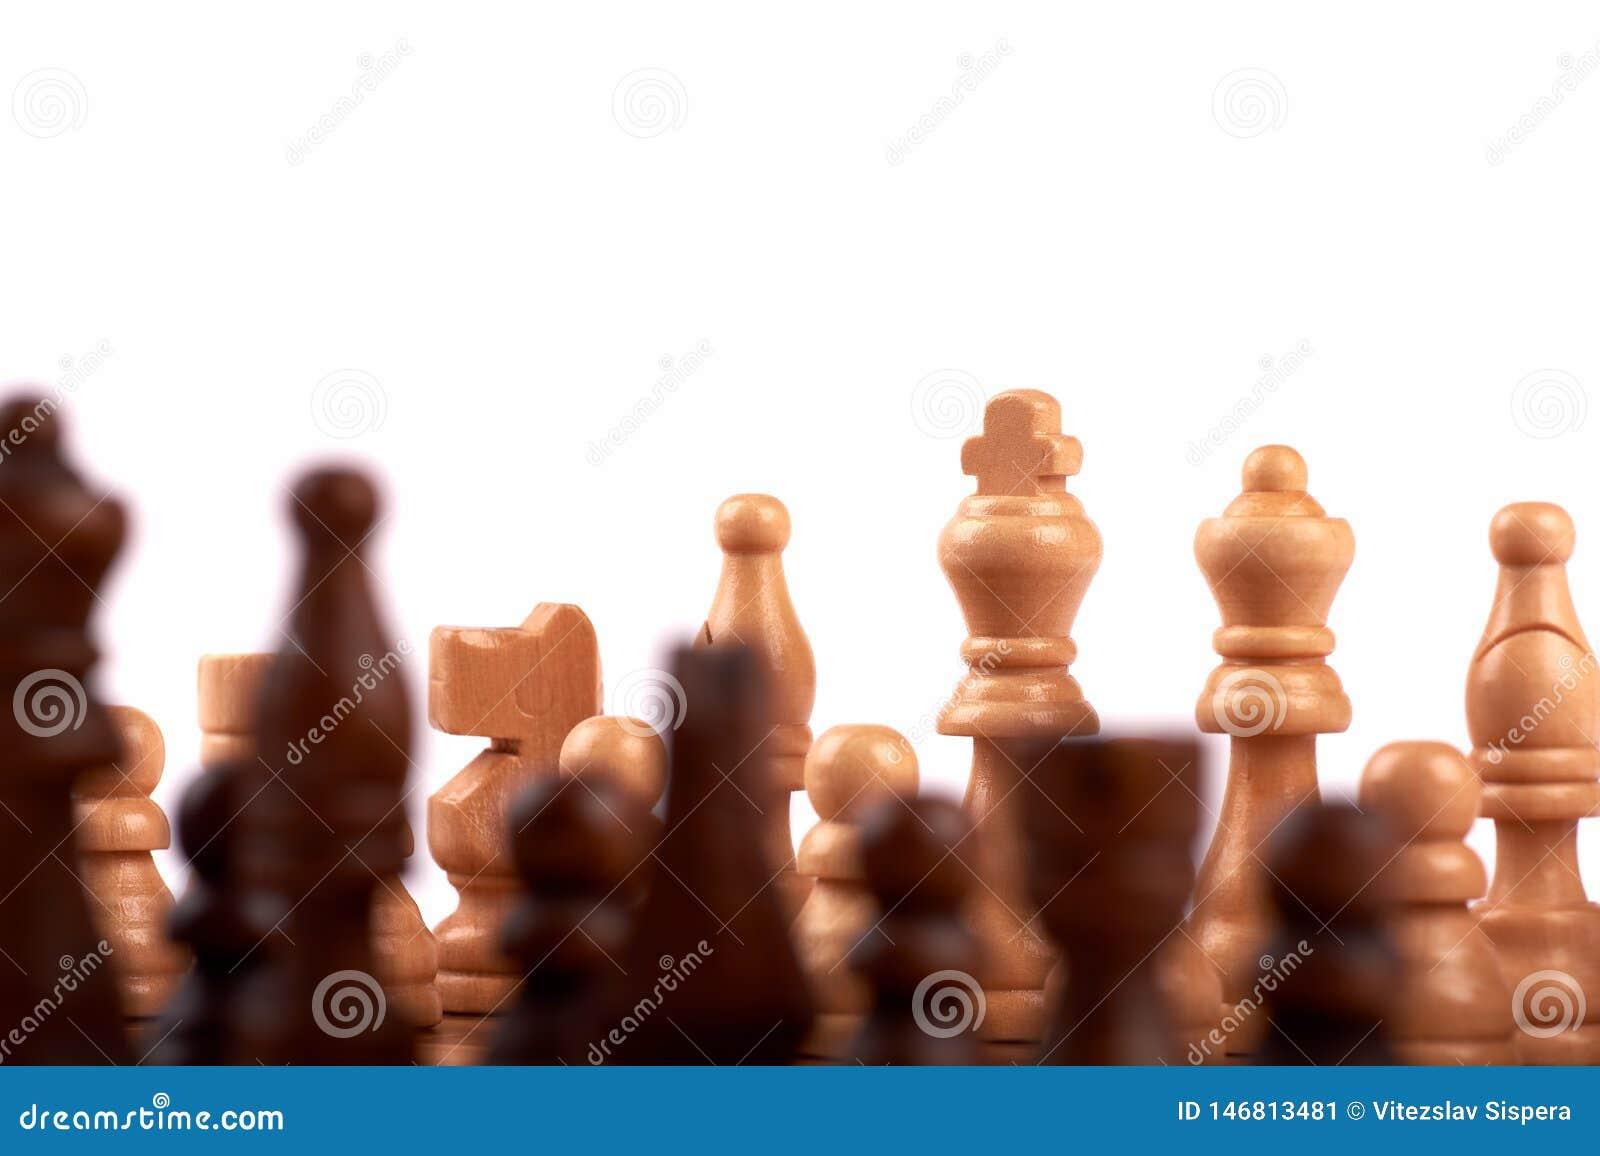 Ξύλινα κομμάτια σκακιού σε μια μονομαχία σε μια σκακιέρα Βασιλιάς, κυρία και σκοπευτές Από την ομάδα εστίασης των εχθρών o